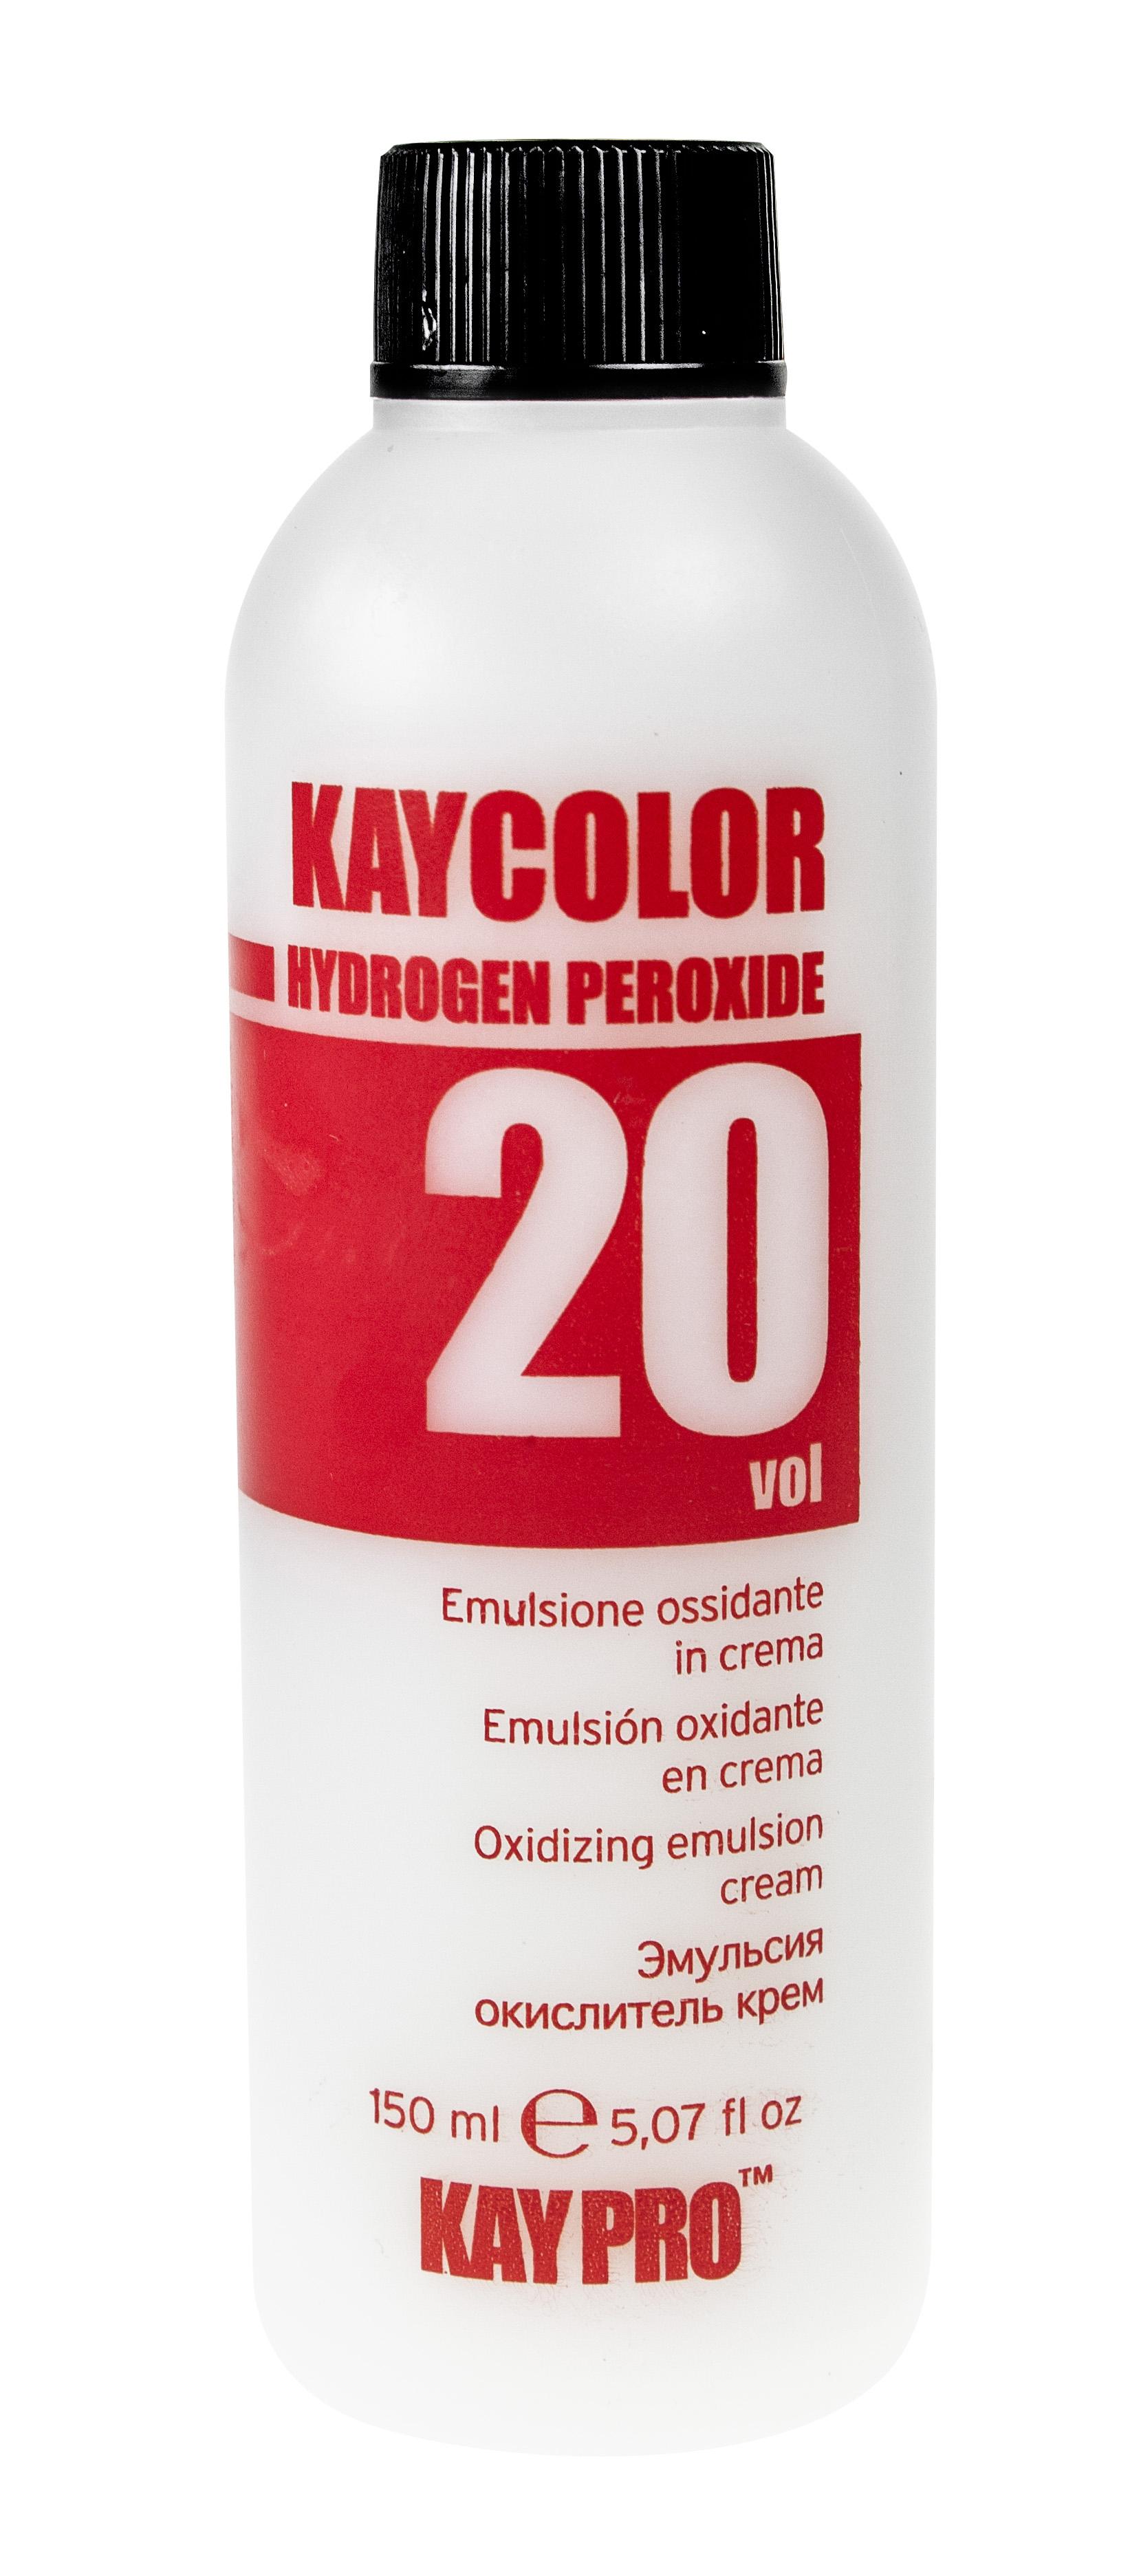 KAYPRO Эмульсия окислительная 20 vol (6%) / KAY COLOR 150мл